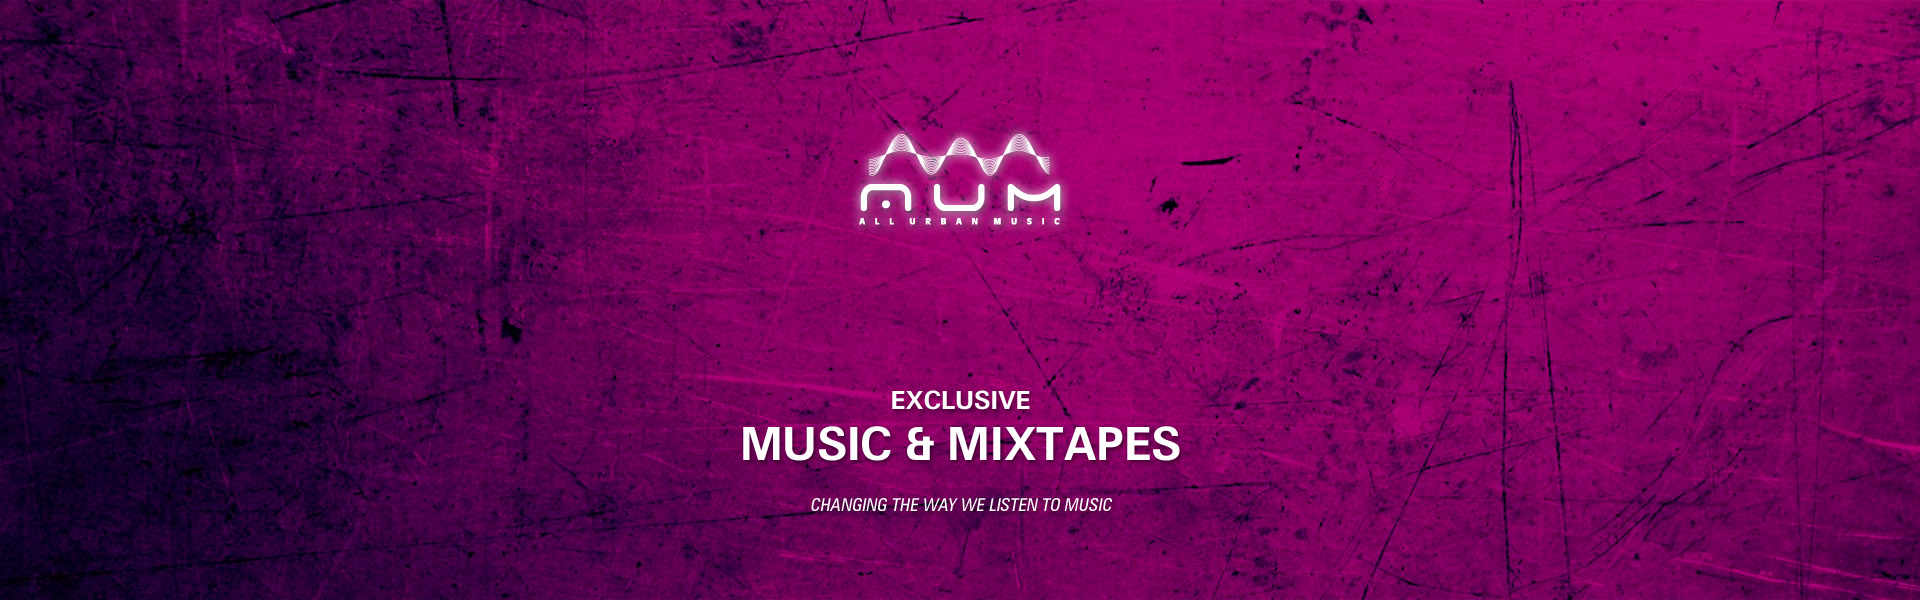 http://www.allurbanmusic.com/wp-content/uploads/2015/12/banner_all_urban_music_05.jpg